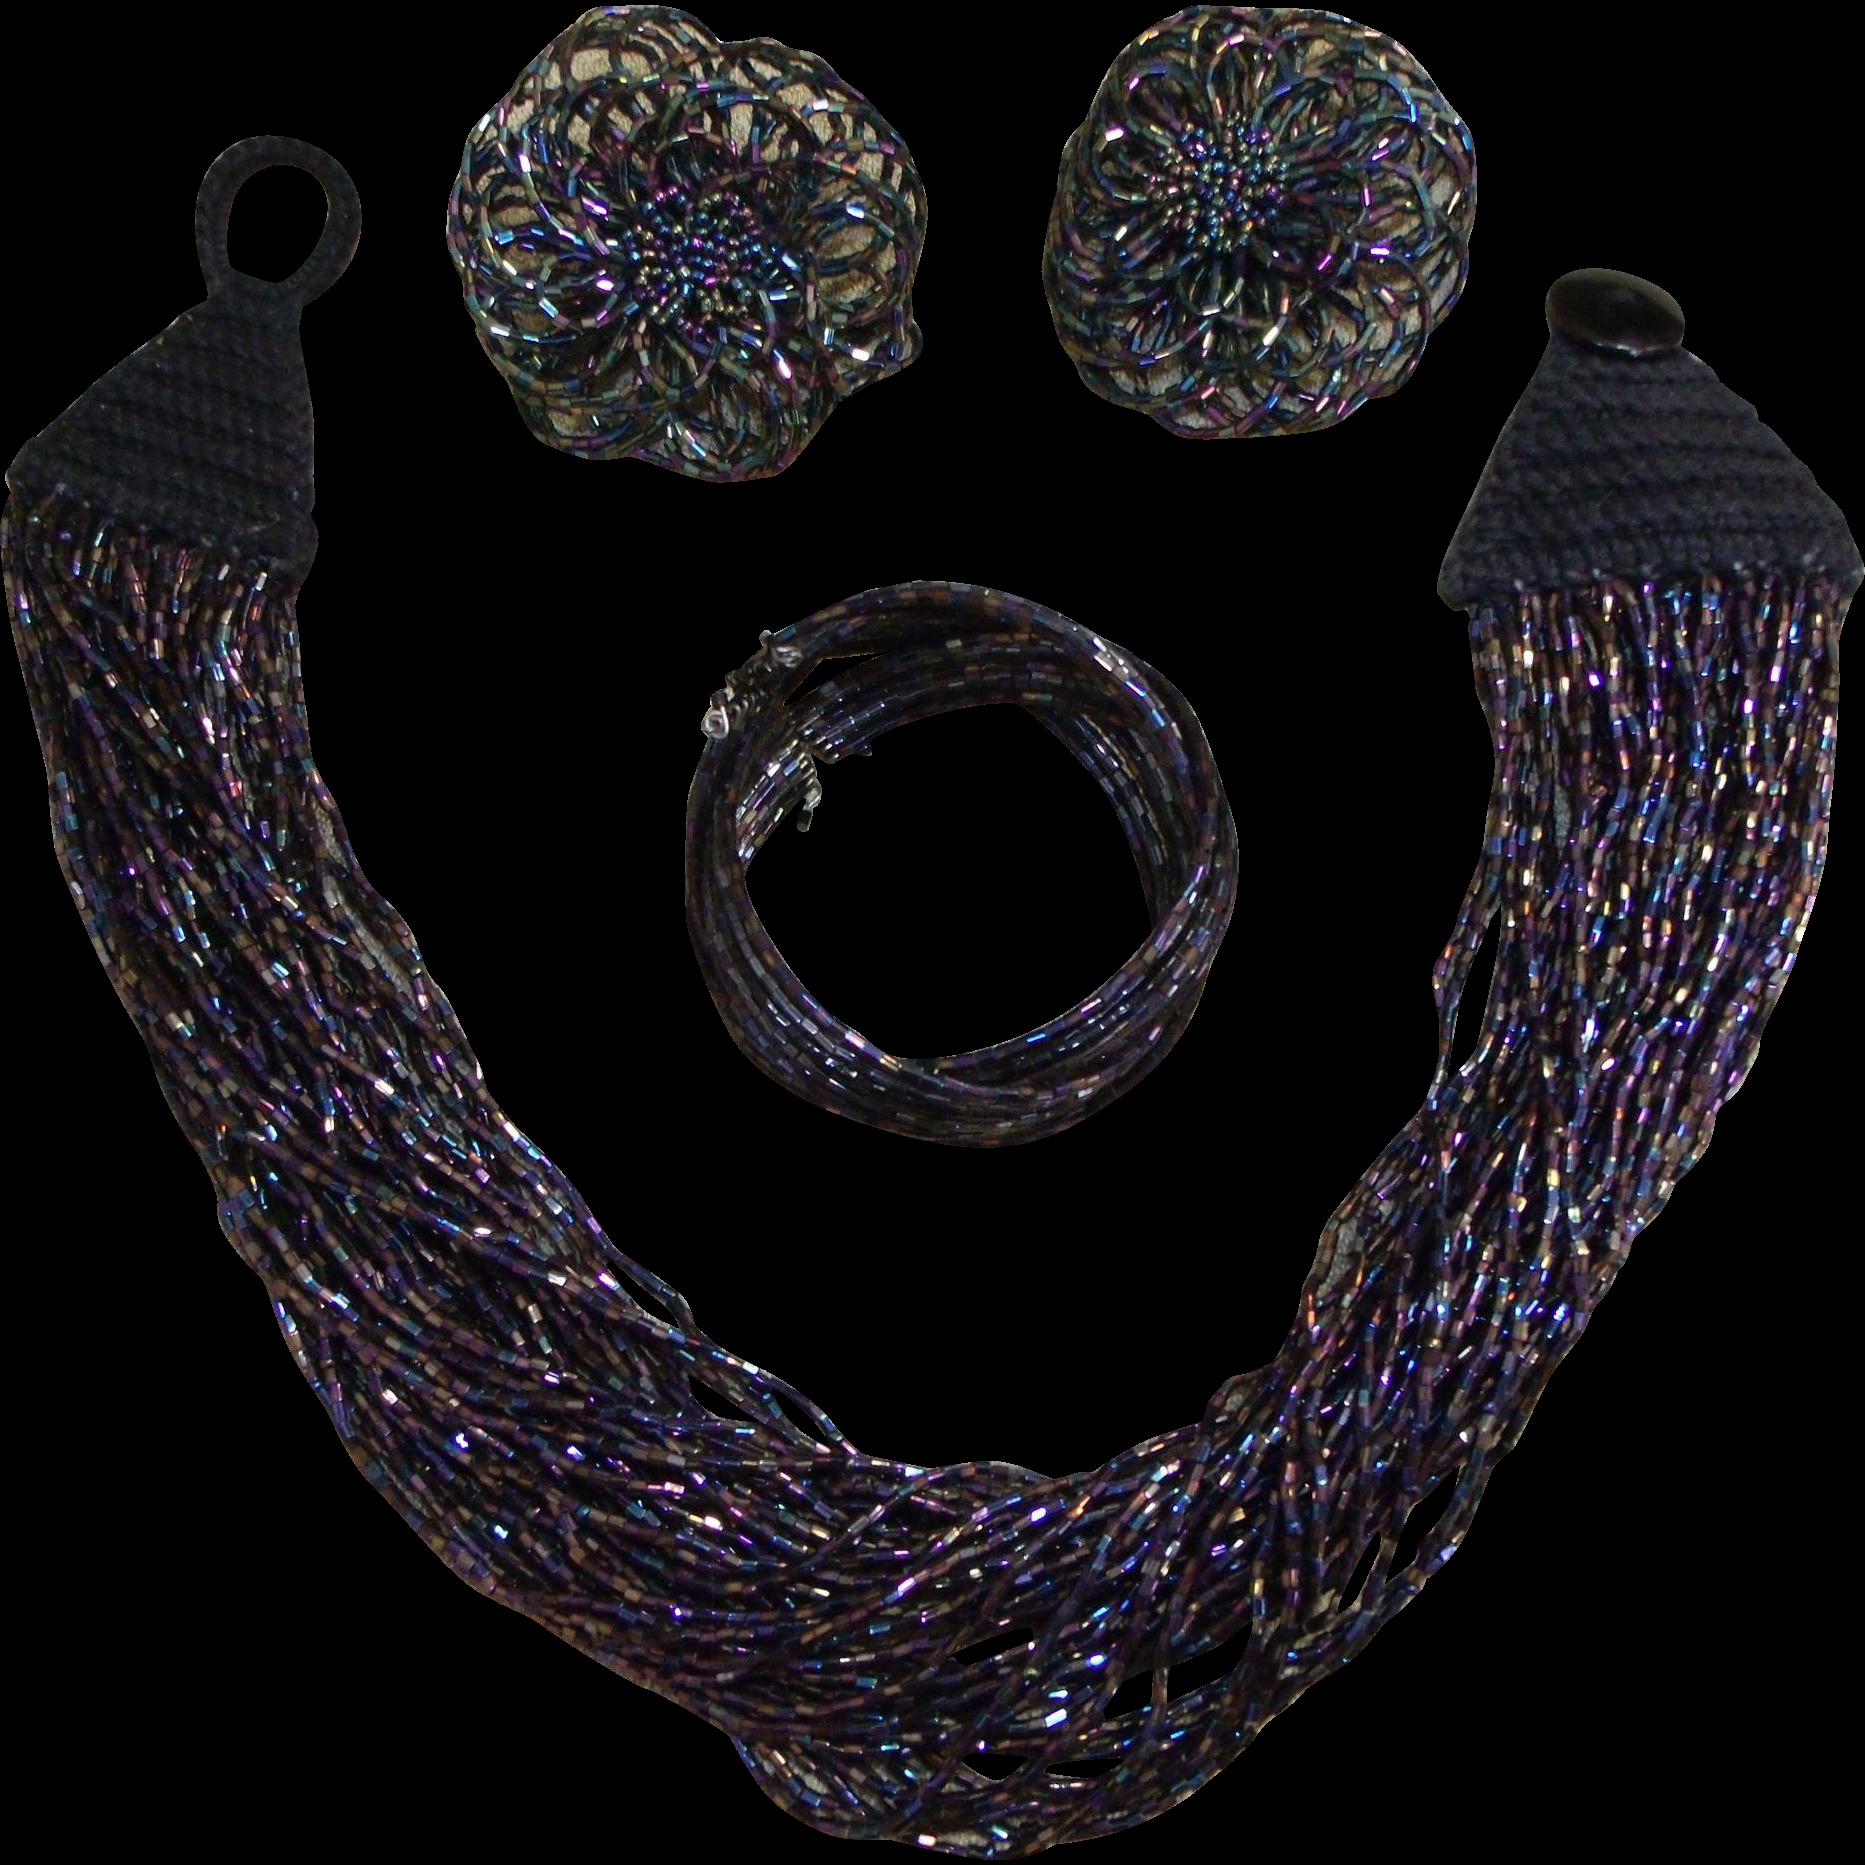 Iridescnet Carnival Glass Beaded Multi-Strand Necklace w/Earrings & Wrap Bracelet